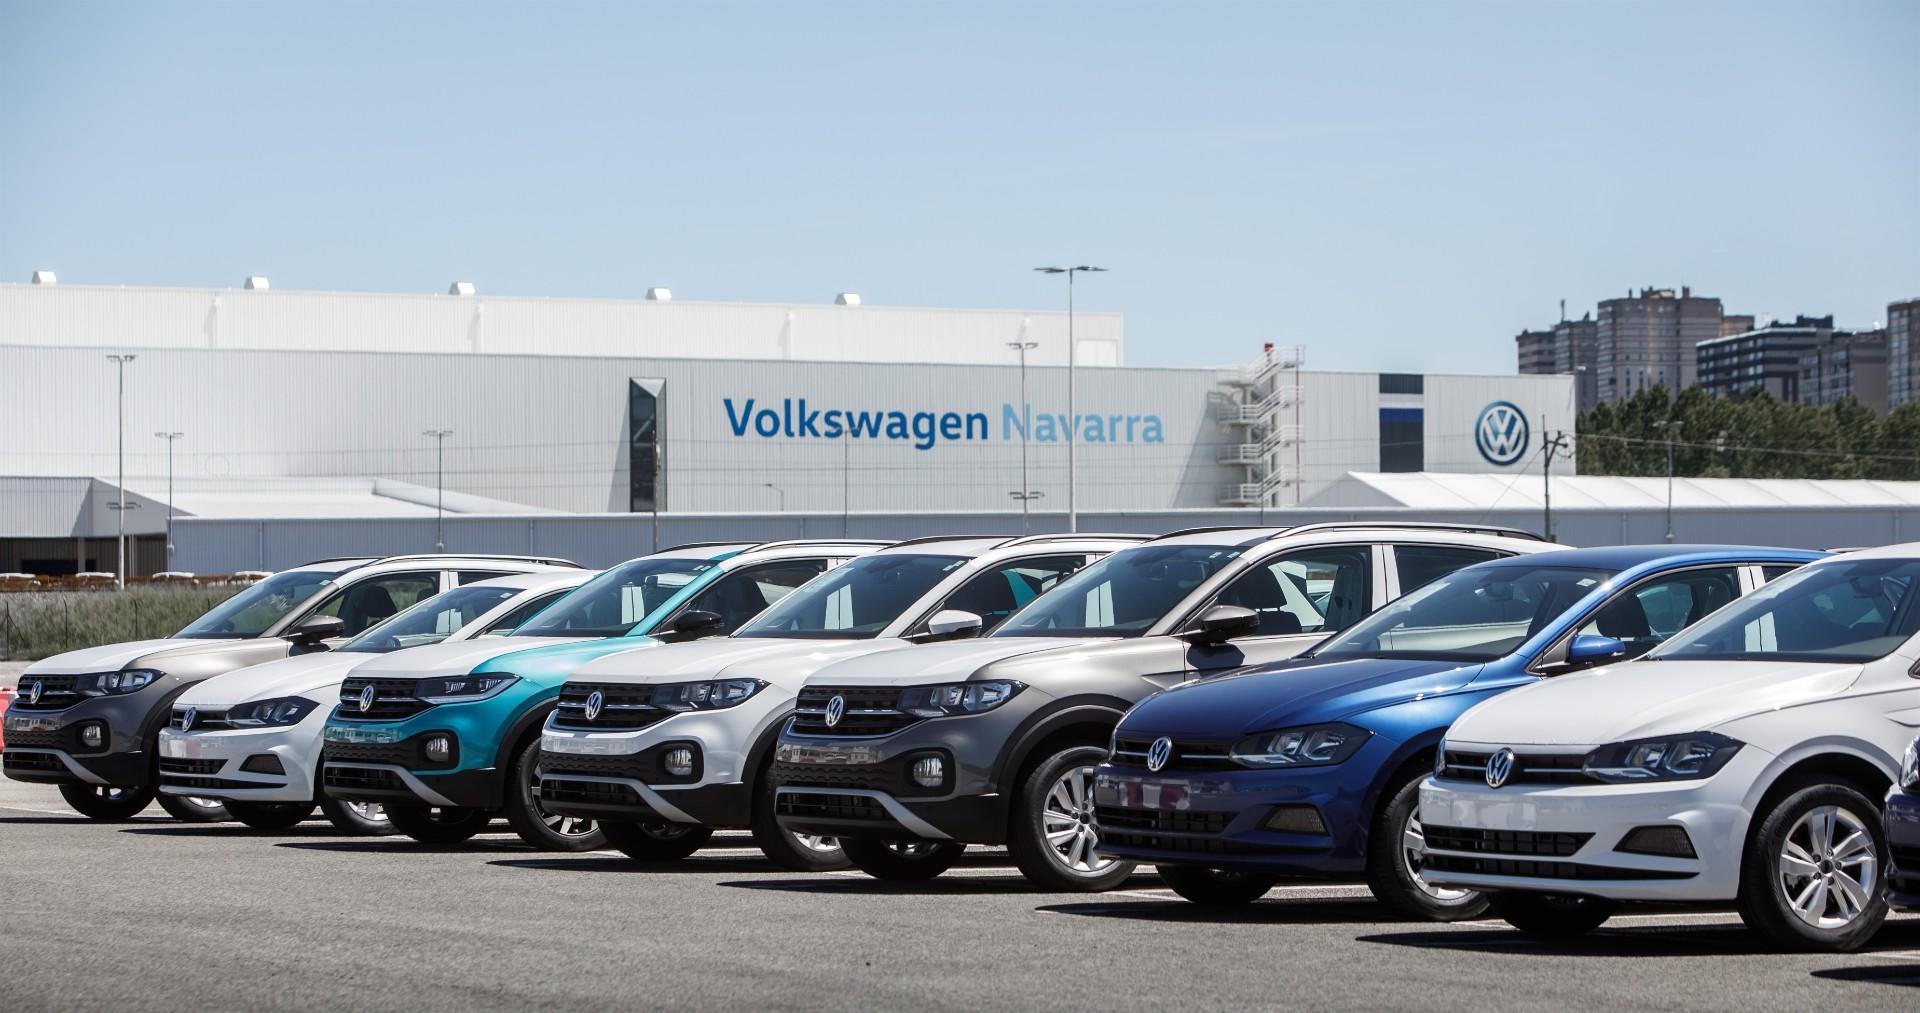 La planta de Volkswagen en Navarra